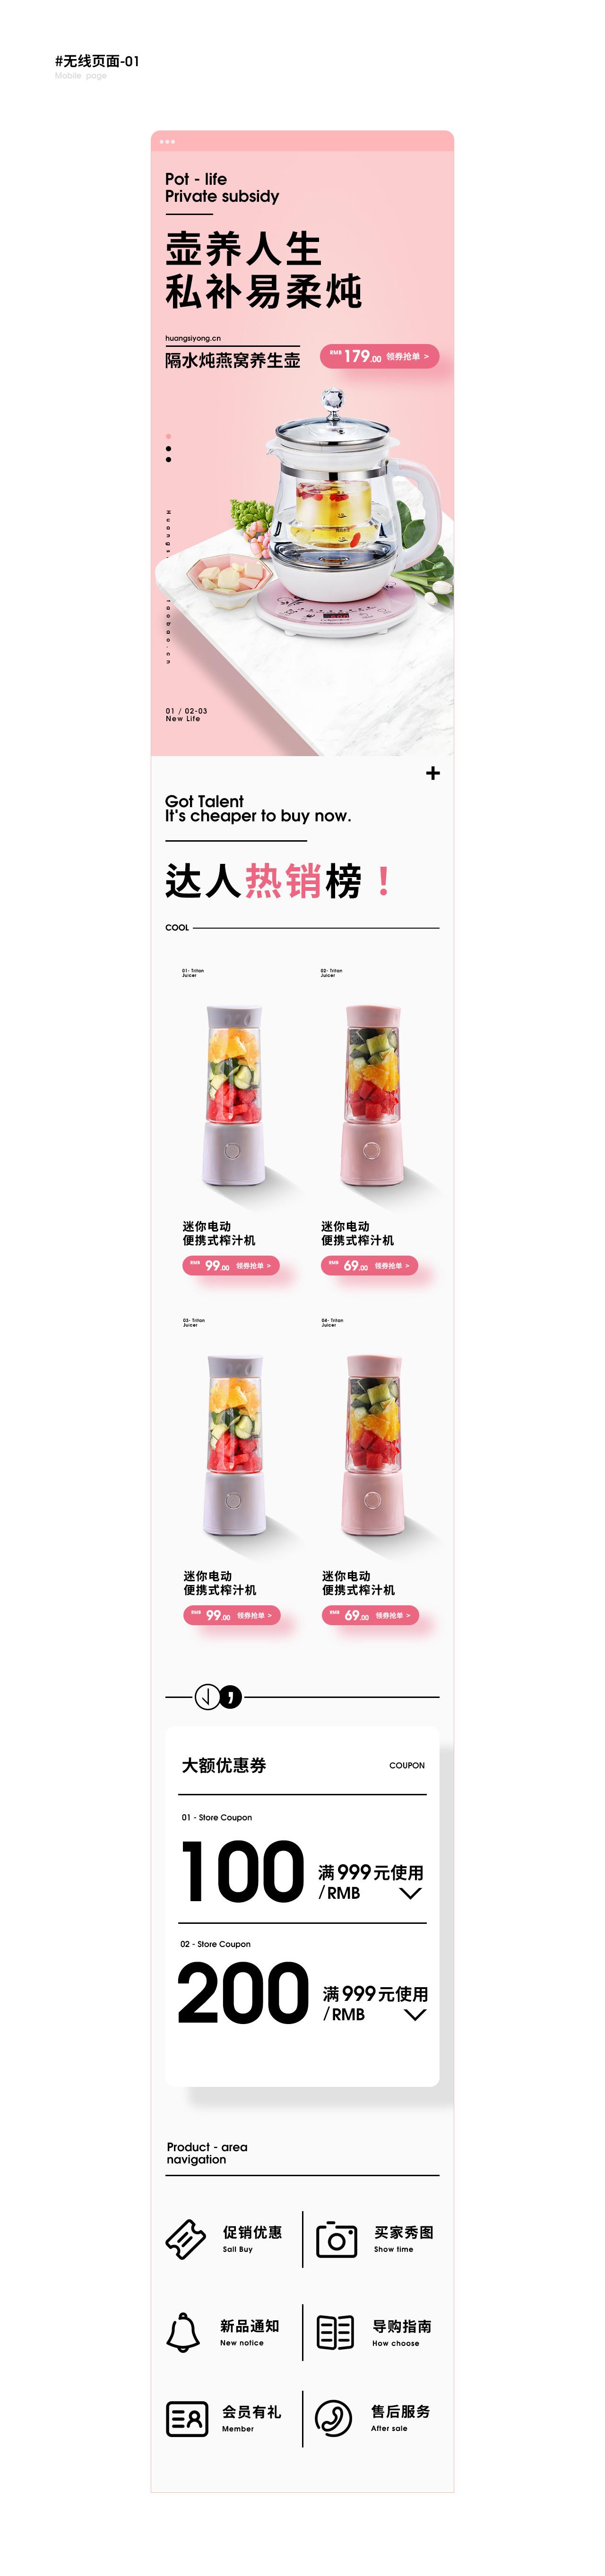 果汁机-04.jpg